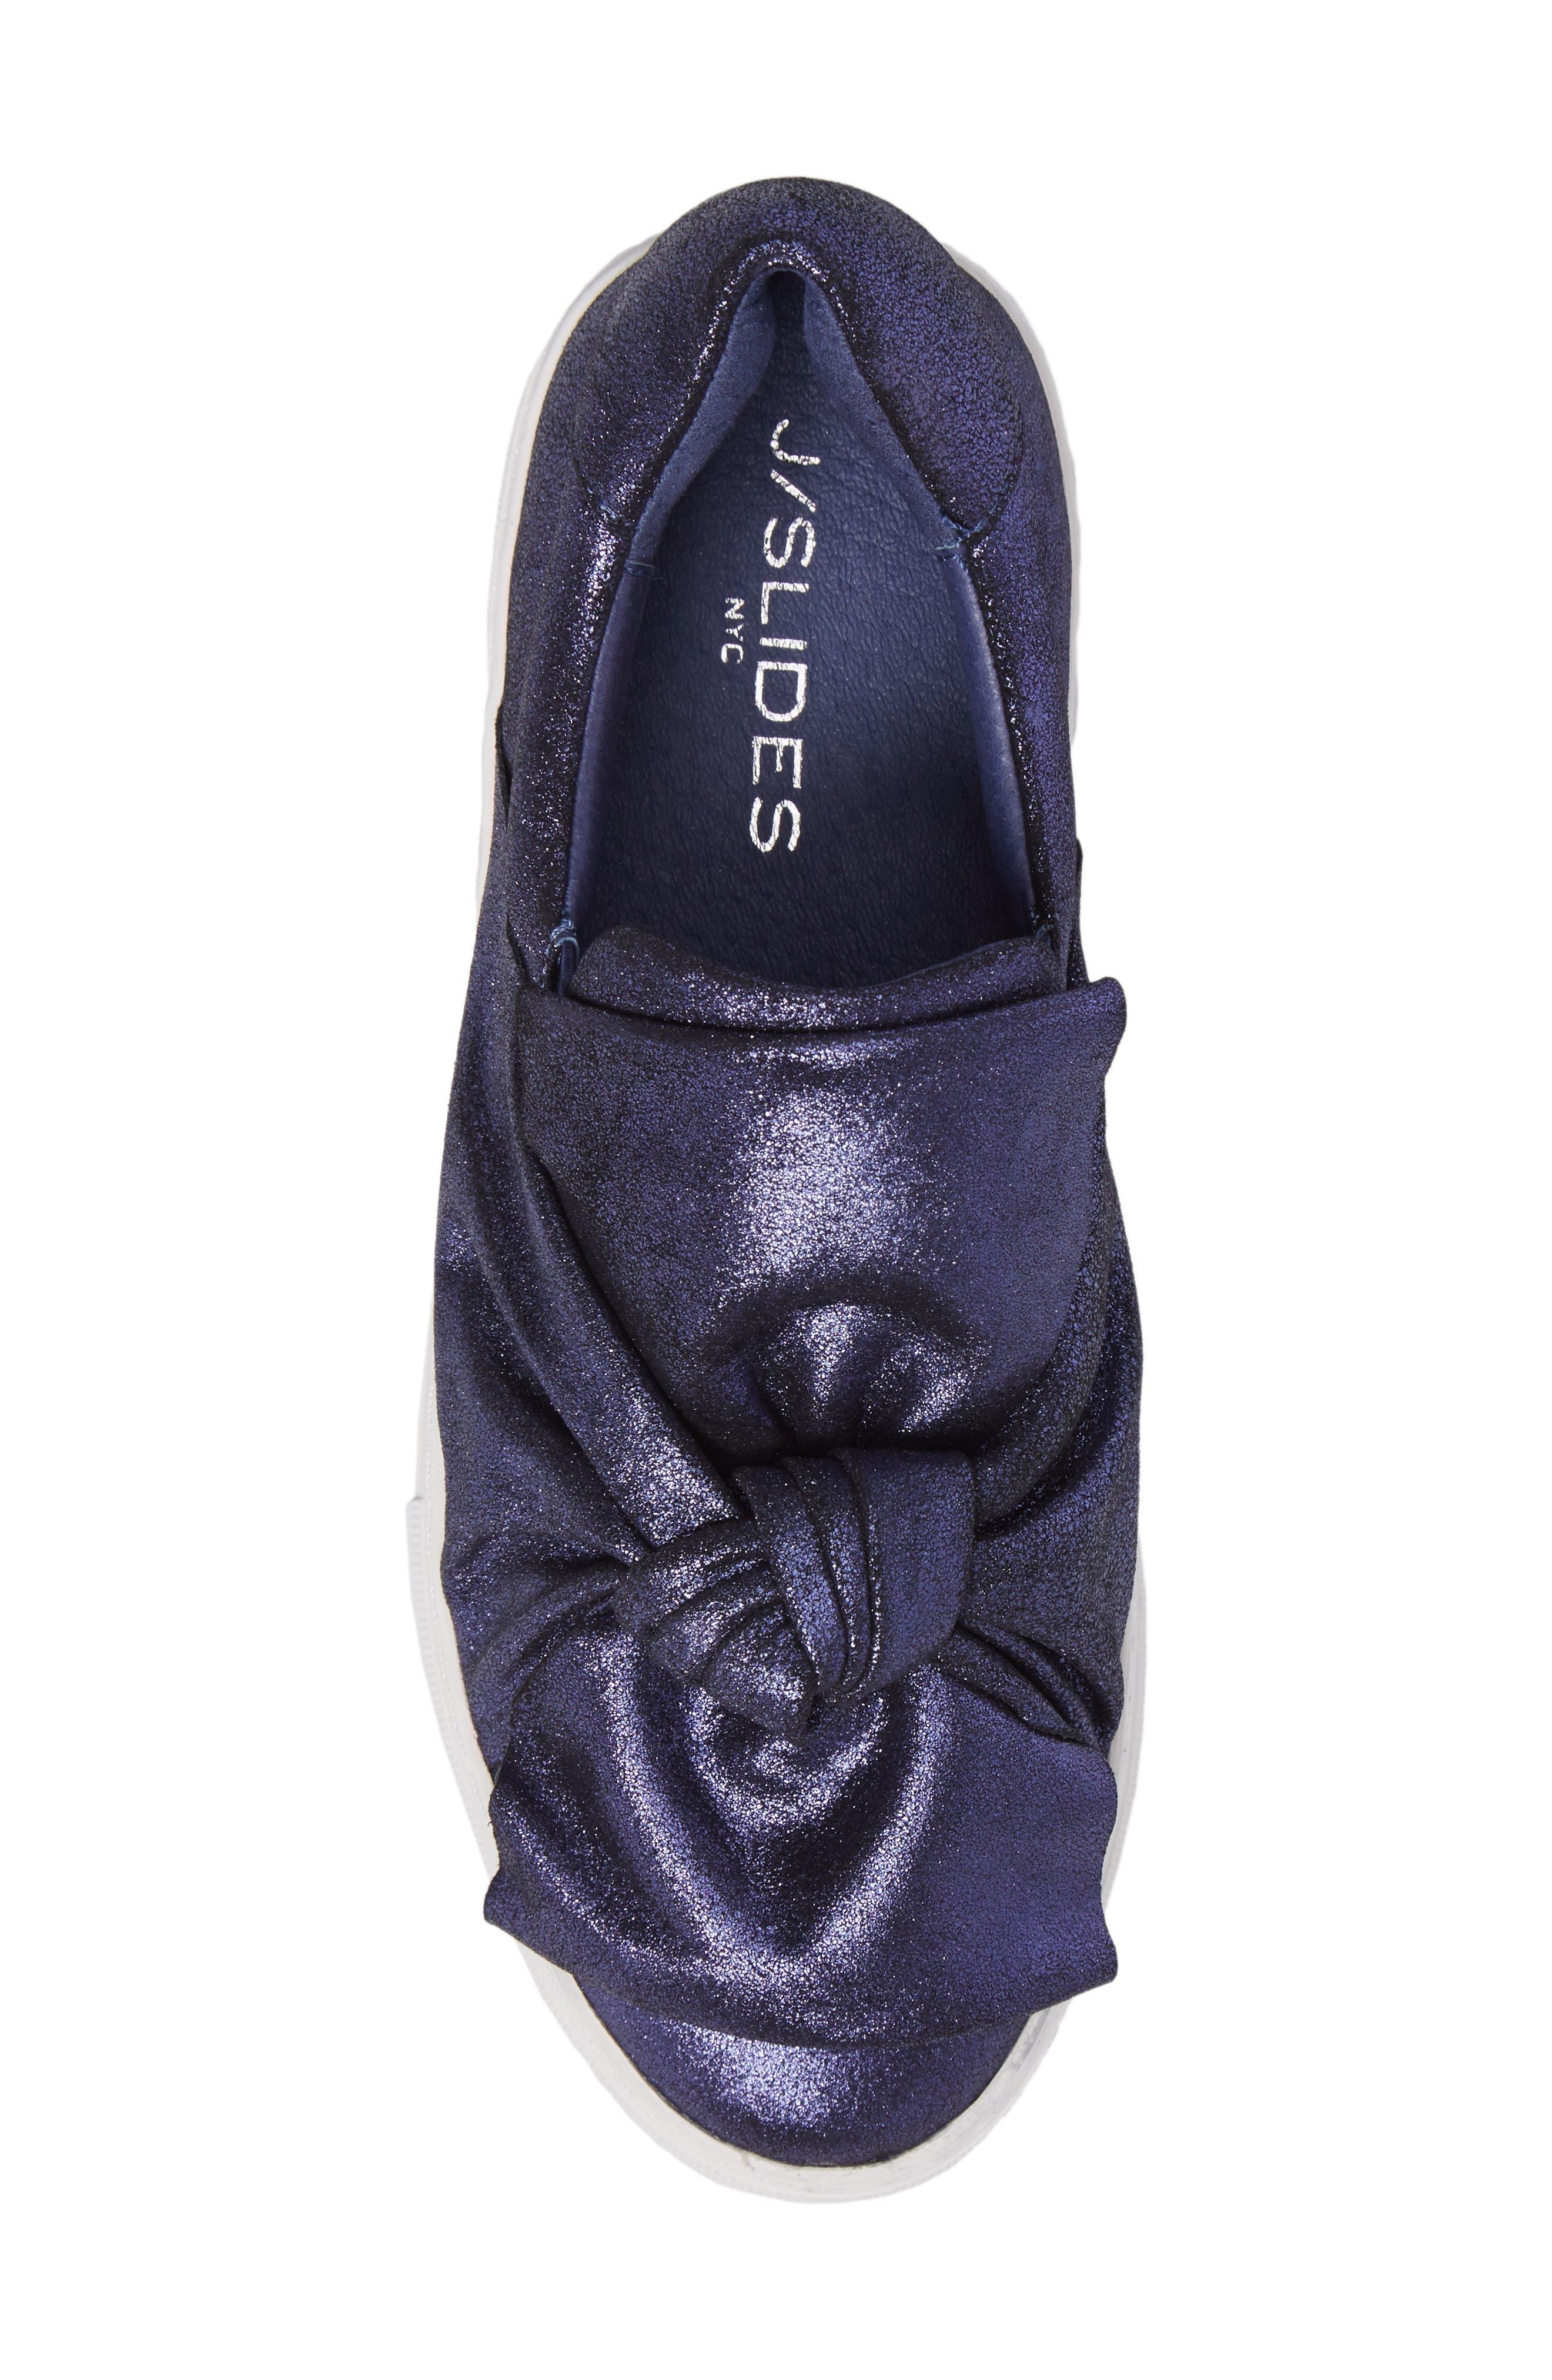 Audra Slip-On Sneaker,                             Alternate thumbnail 5, color,                             Navy Leather